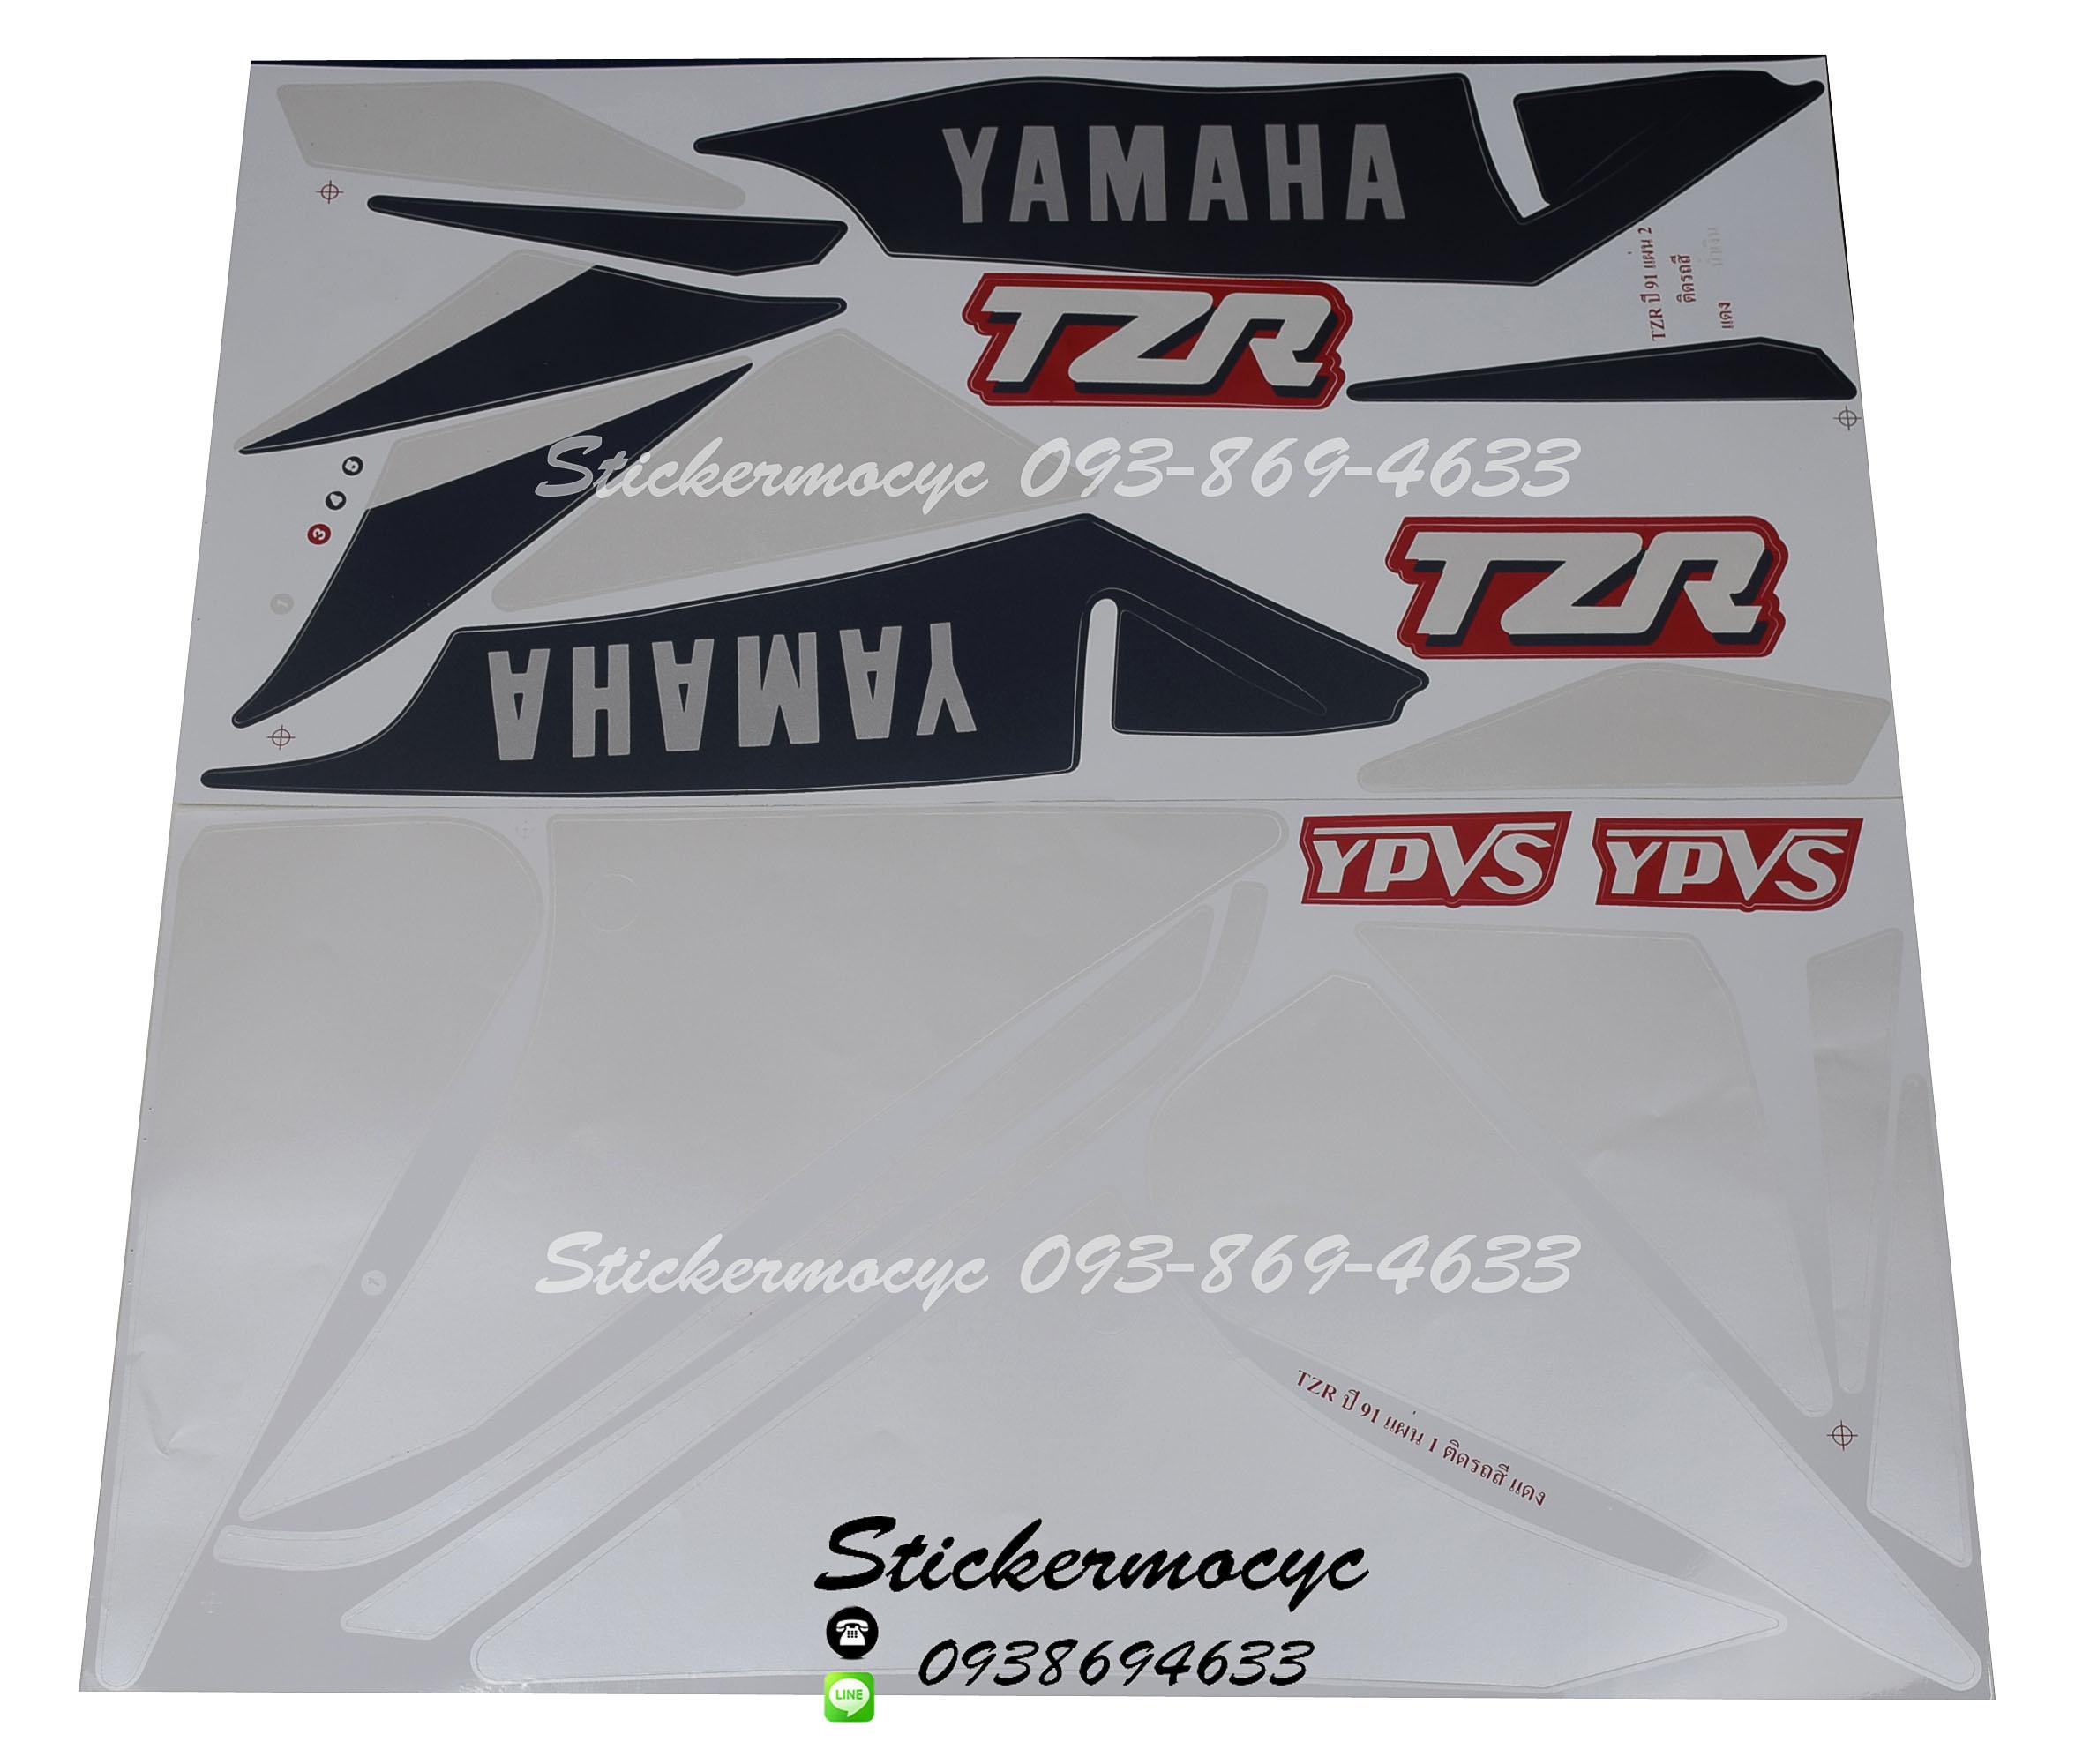 สติ๊กเกอร์ติดรถ มอเตอร์ไซค์ ยามาฮ่า TZR Sticker Yamaha TZR ปี 1991 ติดรถสี แดง